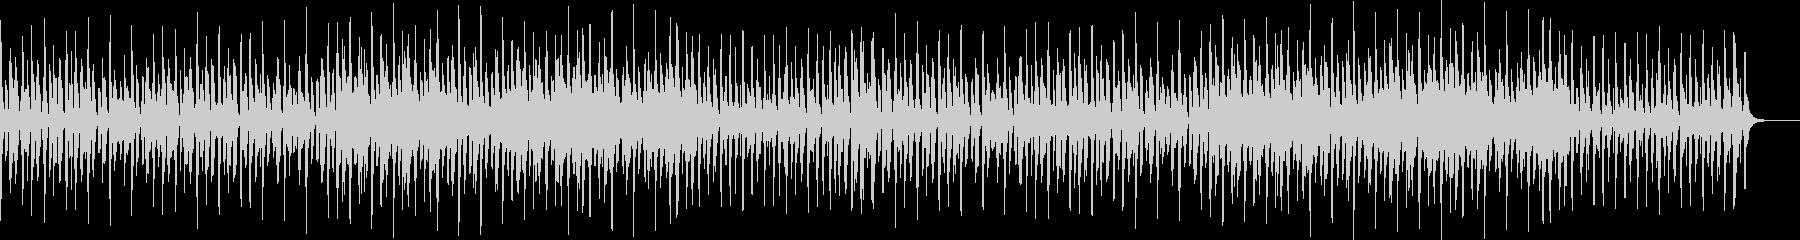 楽しい・明るい・オーケストラポップの未再生の波形